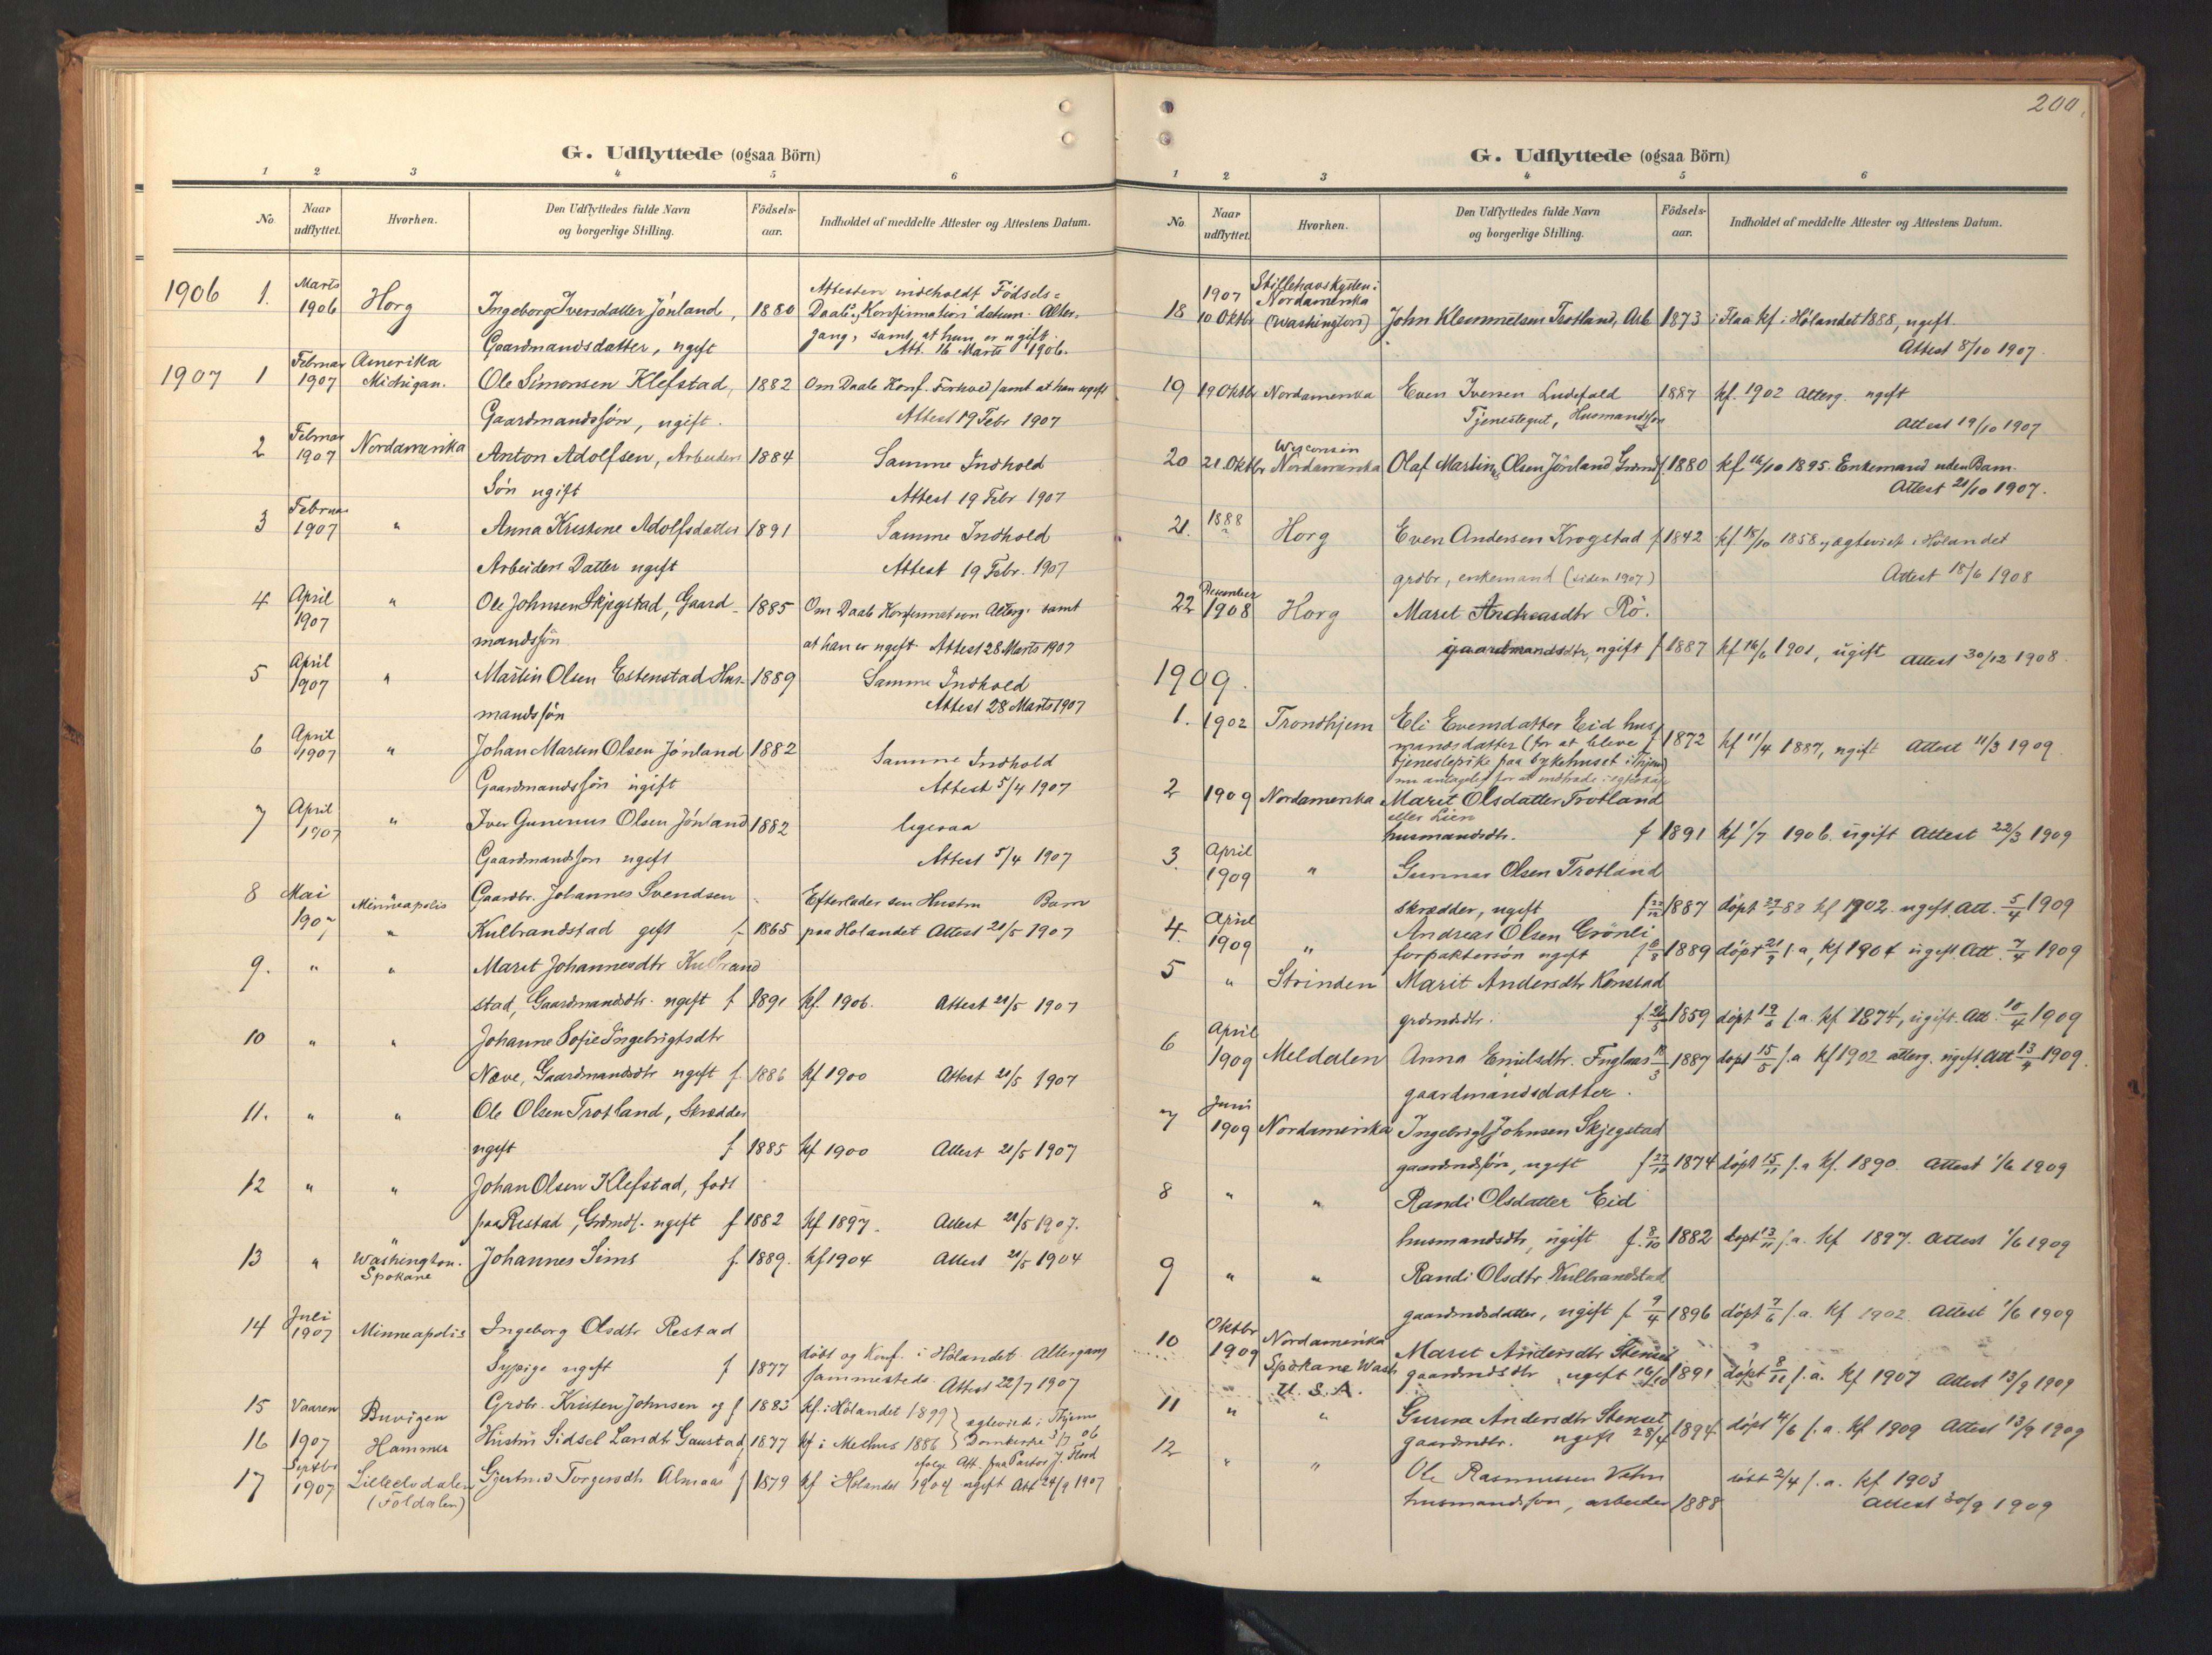 SAT, Ministerialprotokoller, klokkerbøker og fødselsregistre - Sør-Trøndelag, 694/L1128: Ministerialbok nr. 694A02, 1906-1931, s. 200